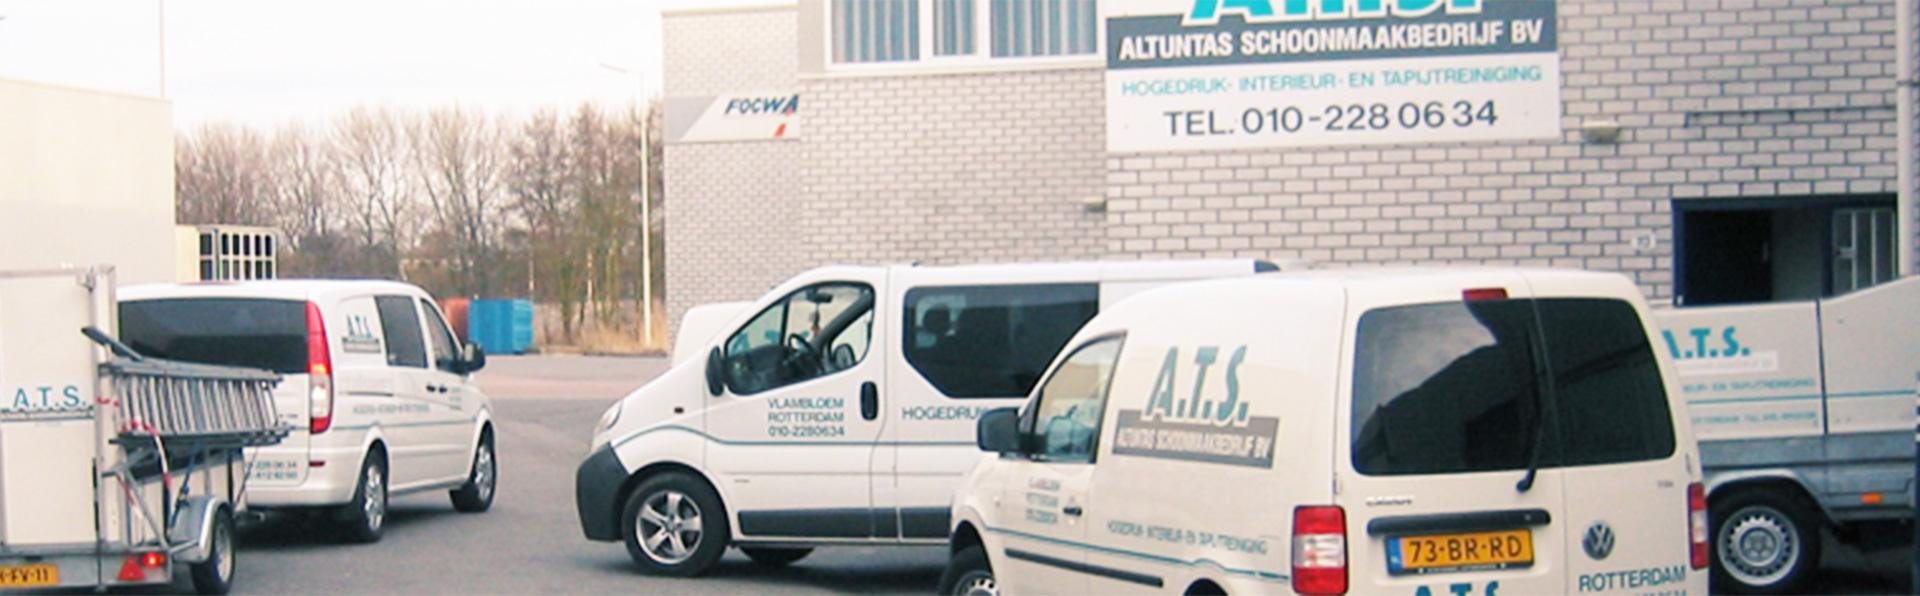 Schoonmaakbedrijf-Alkmaar- ATS-header